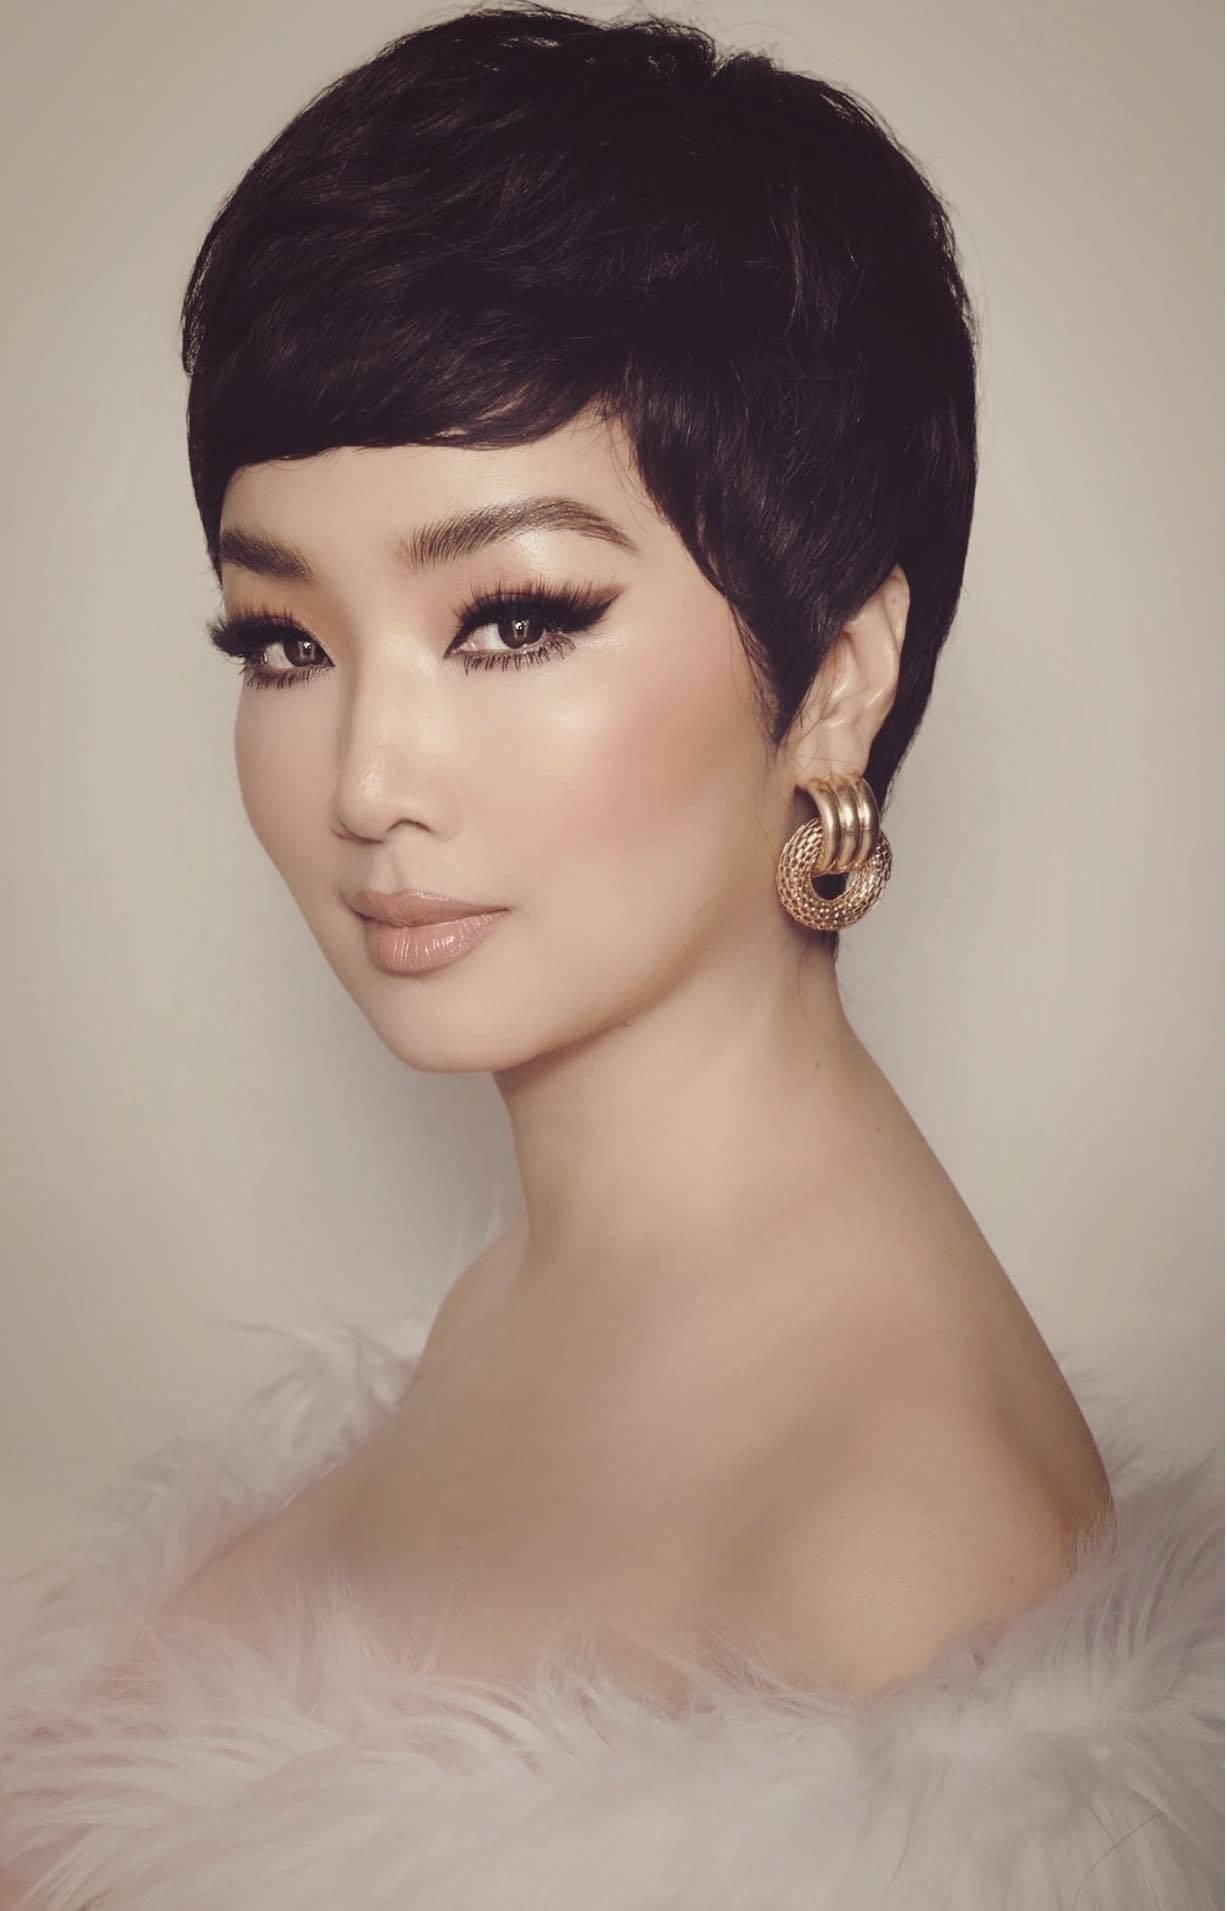 Diễn viên Hồng Diễm xinh đẹp tuổi 39